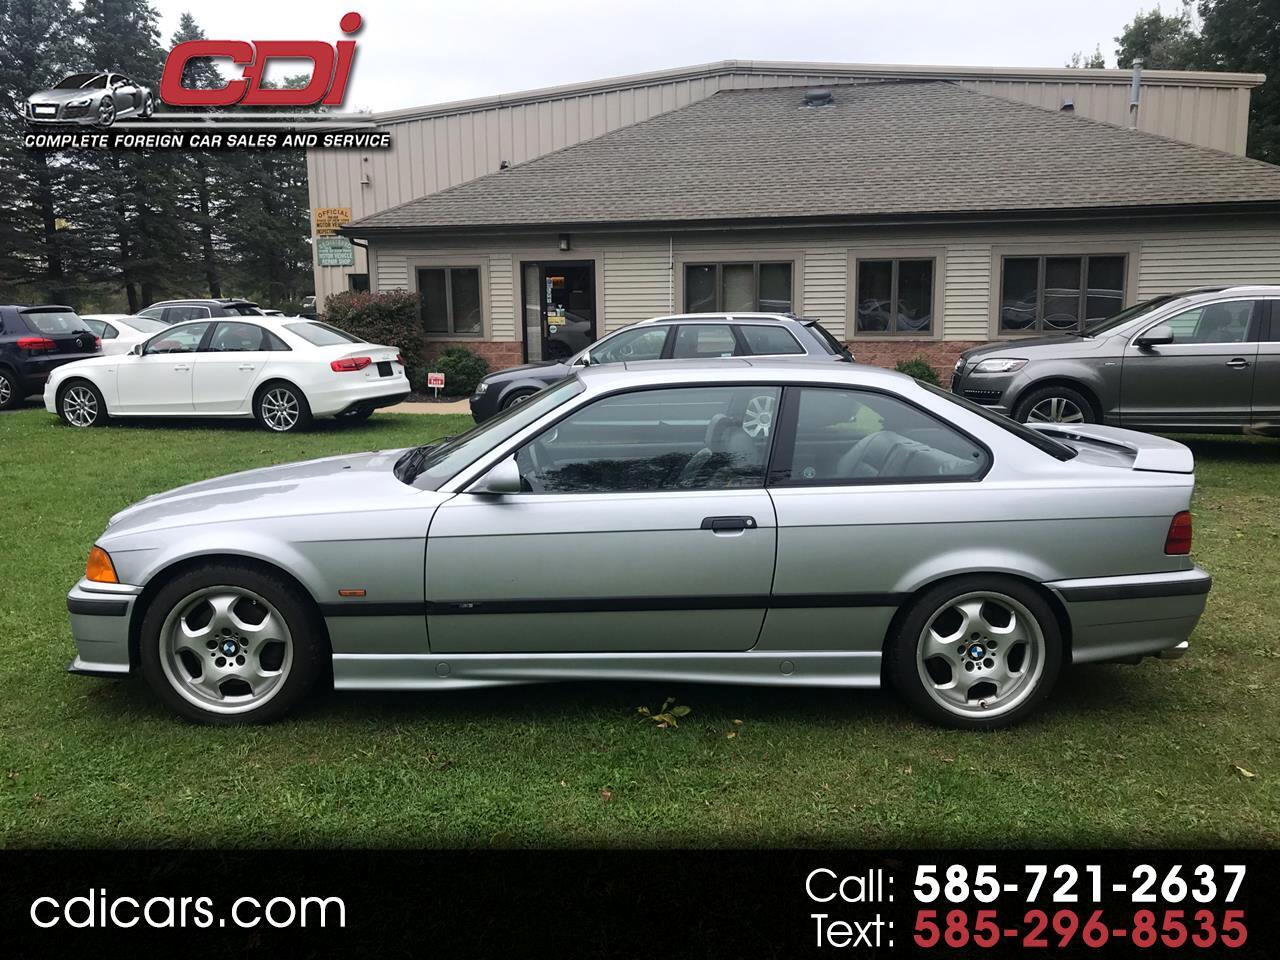 BMW M3 2dr Cpe 1997